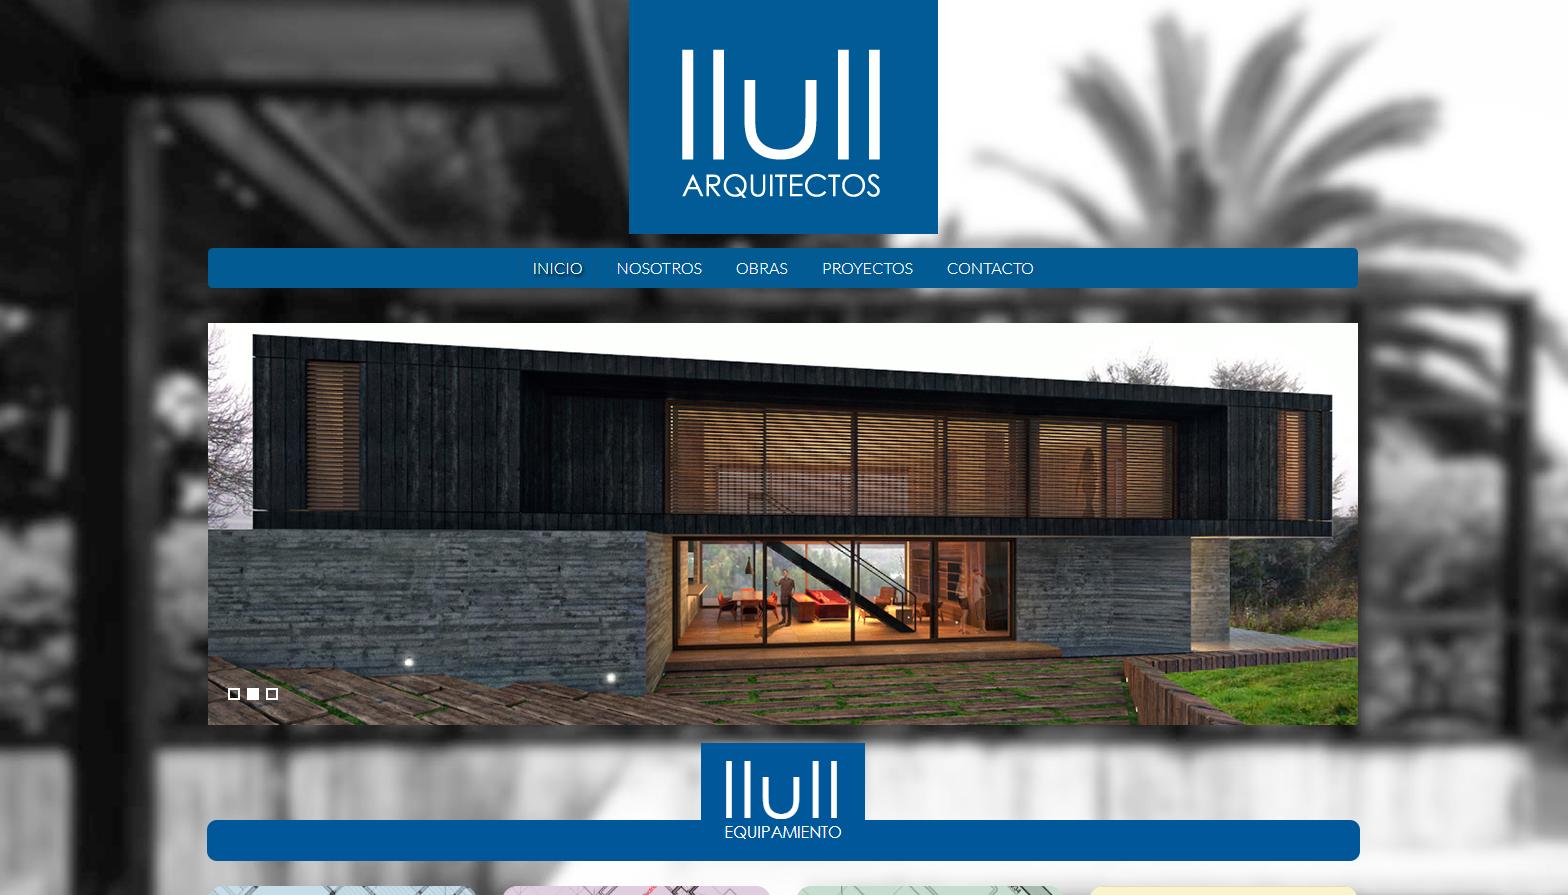 Llull Arquitectos